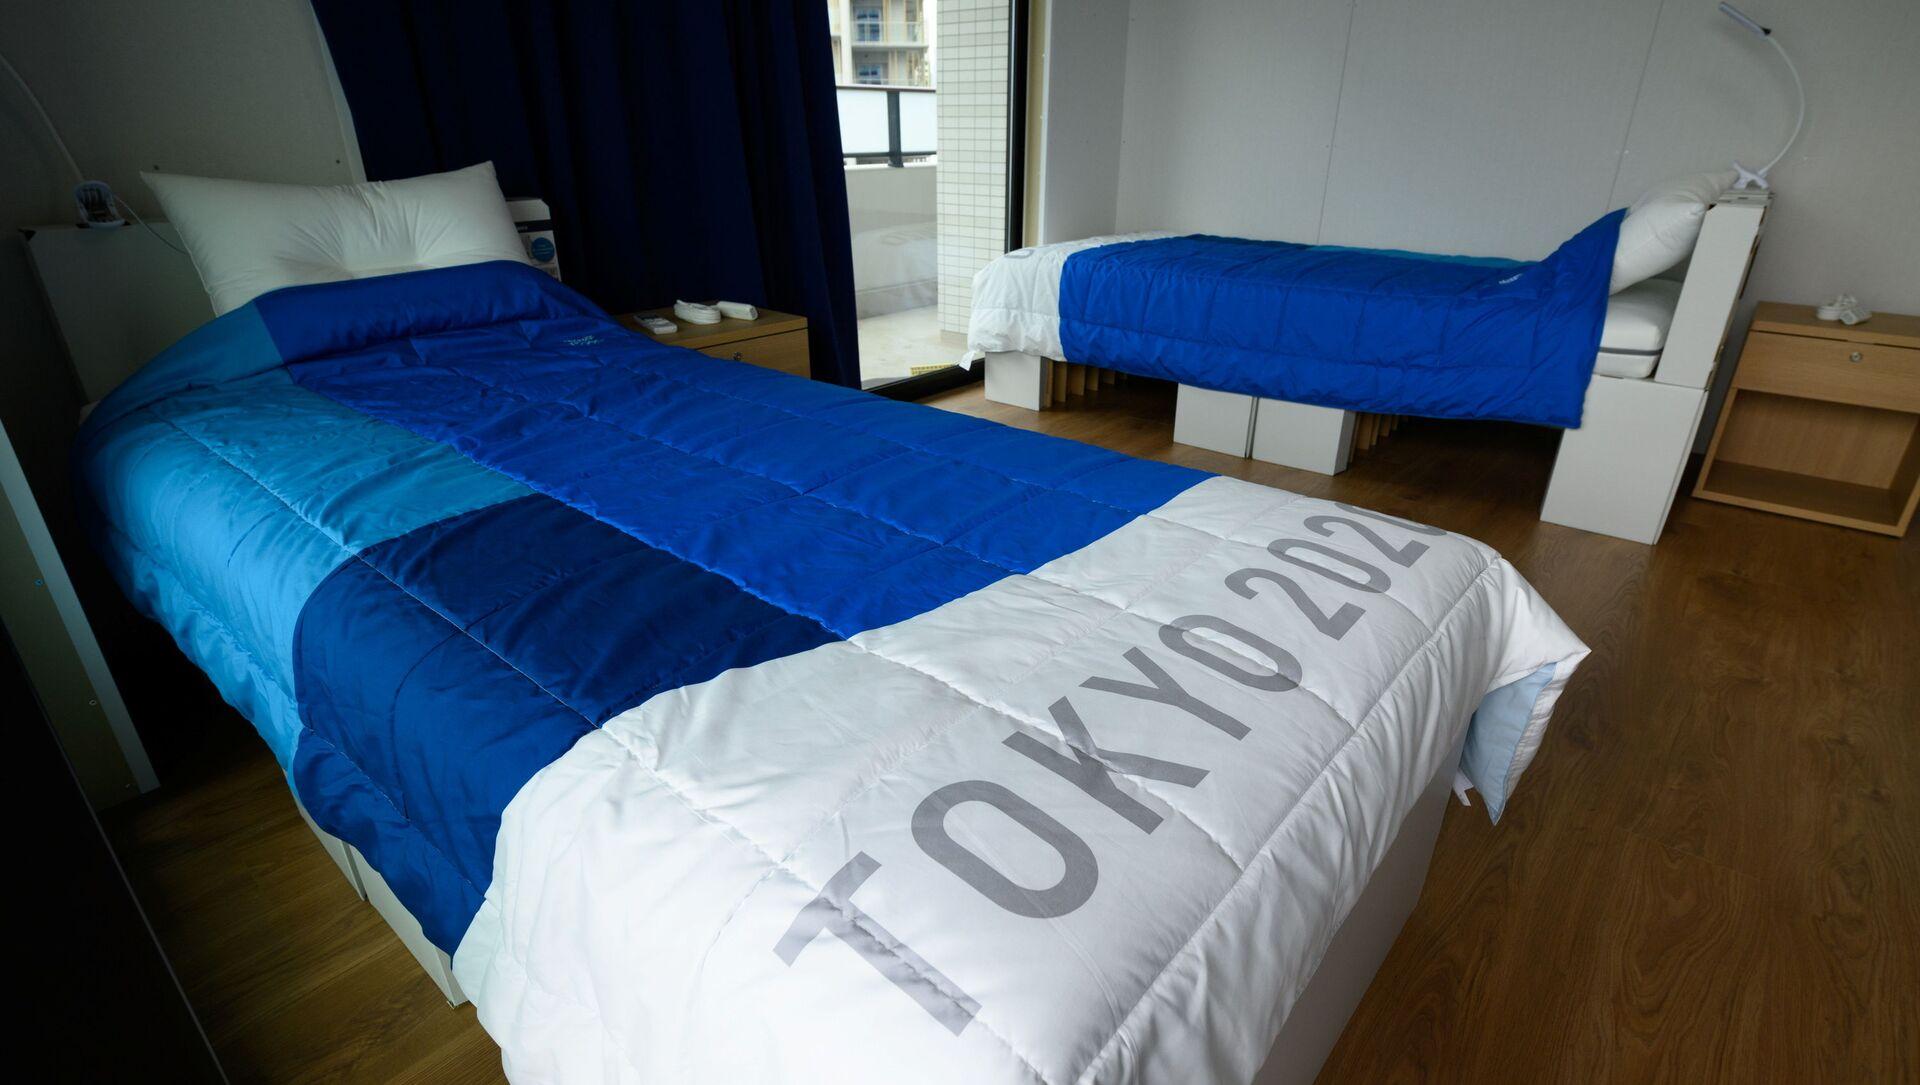 Giường và nệm các tông có thể tái chế tại Làng Olympic và Paralympic ở Tokyo, Nhật Bản - Sputnik Việt Nam, 1920, 29.07.2021